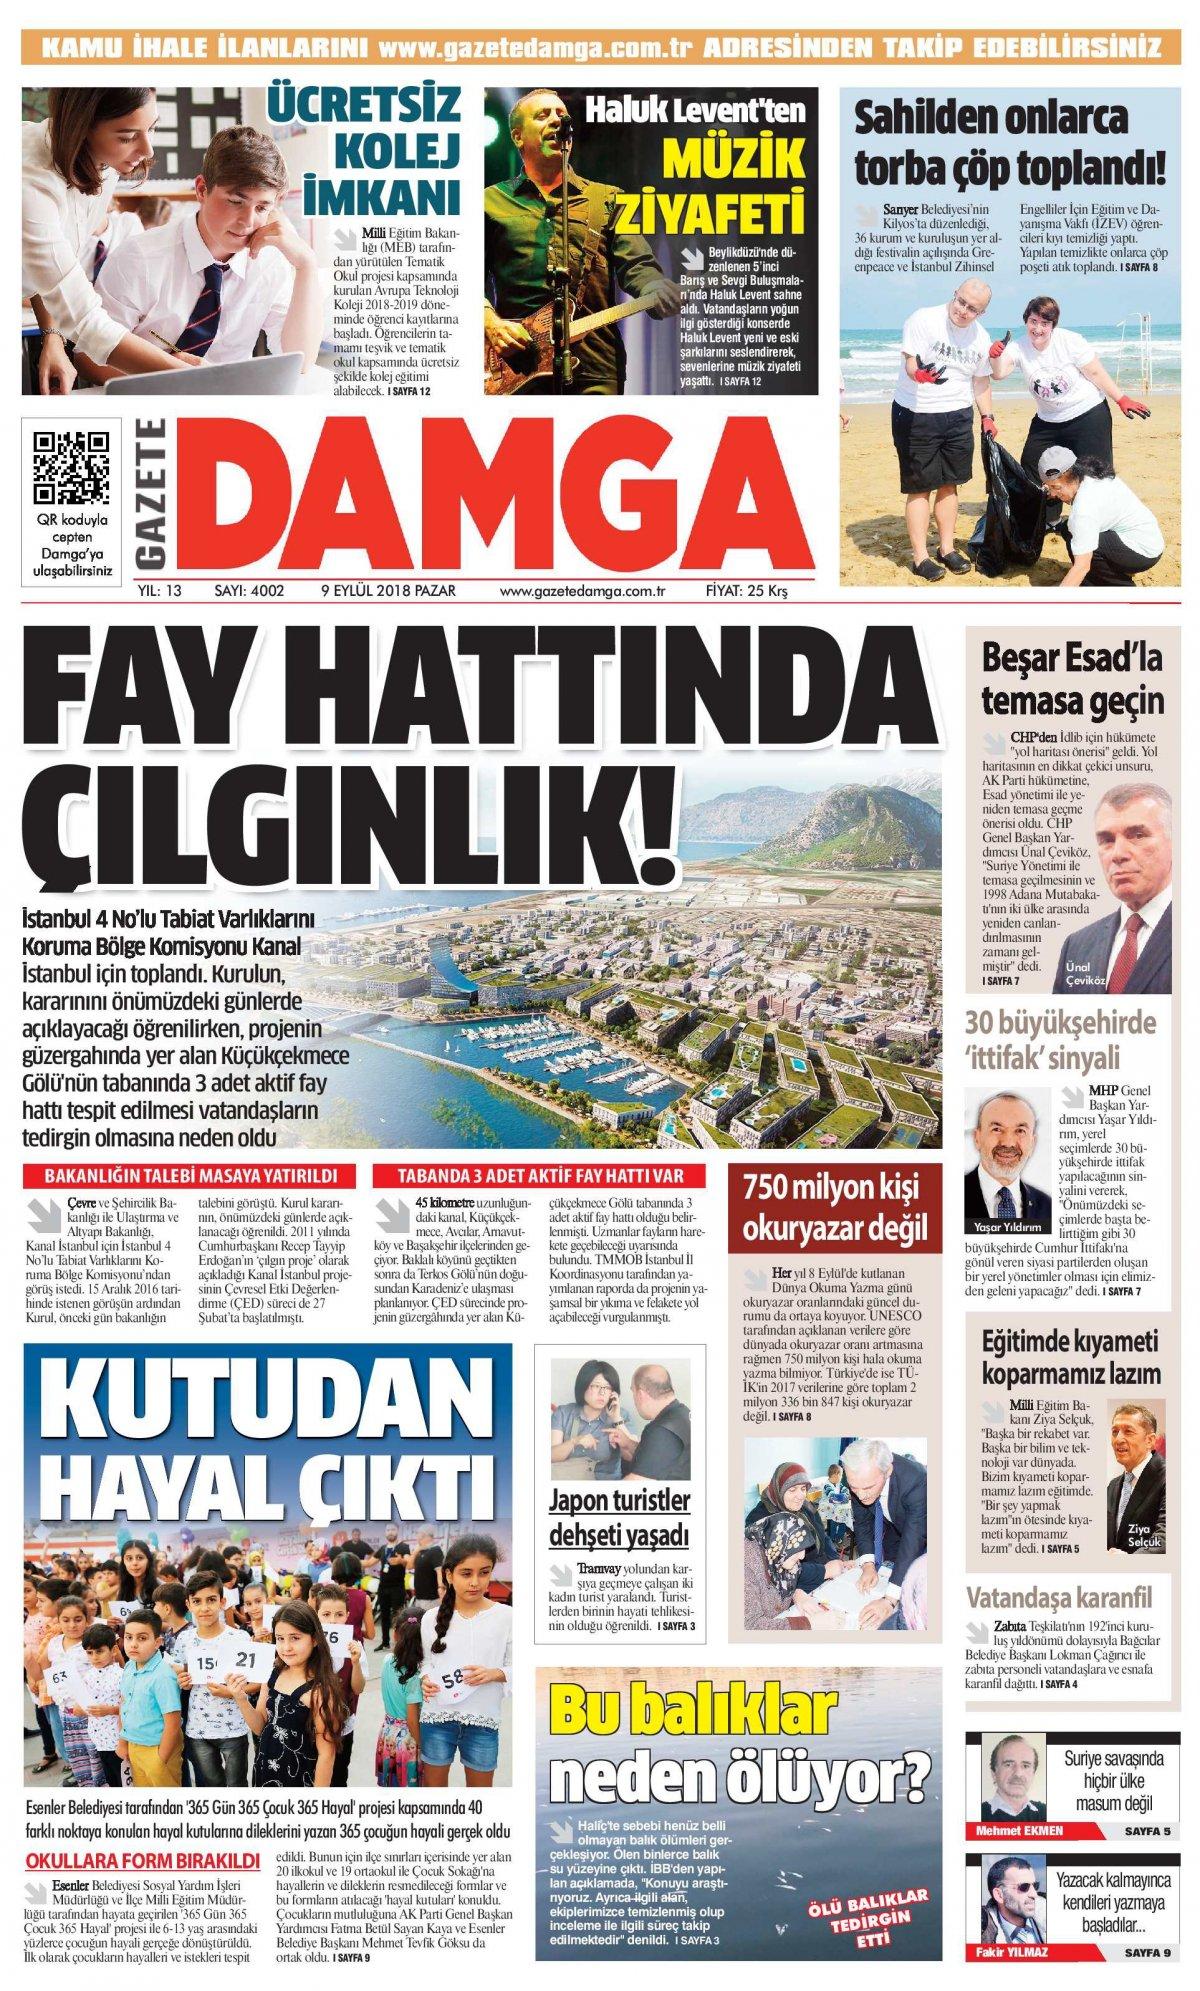 Gazete Damga - 09.09.2018 Manşeti